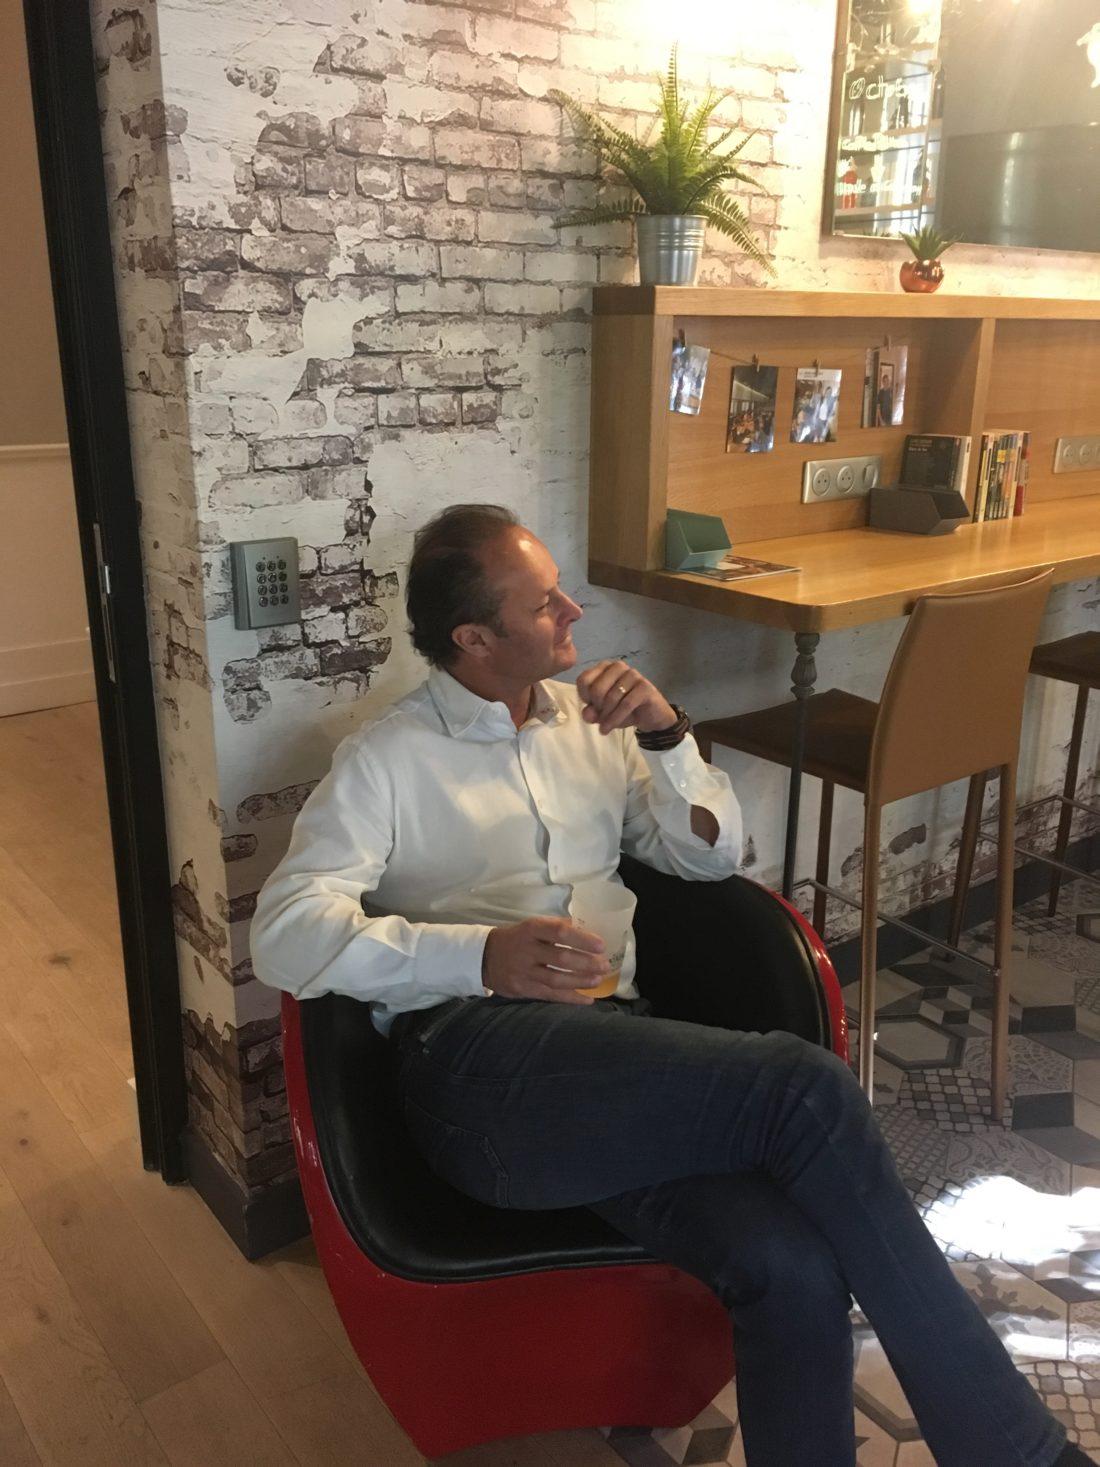 arrivée des fauteuils Ron arad au meetropolitan, espace de coworking à bordeaux centre